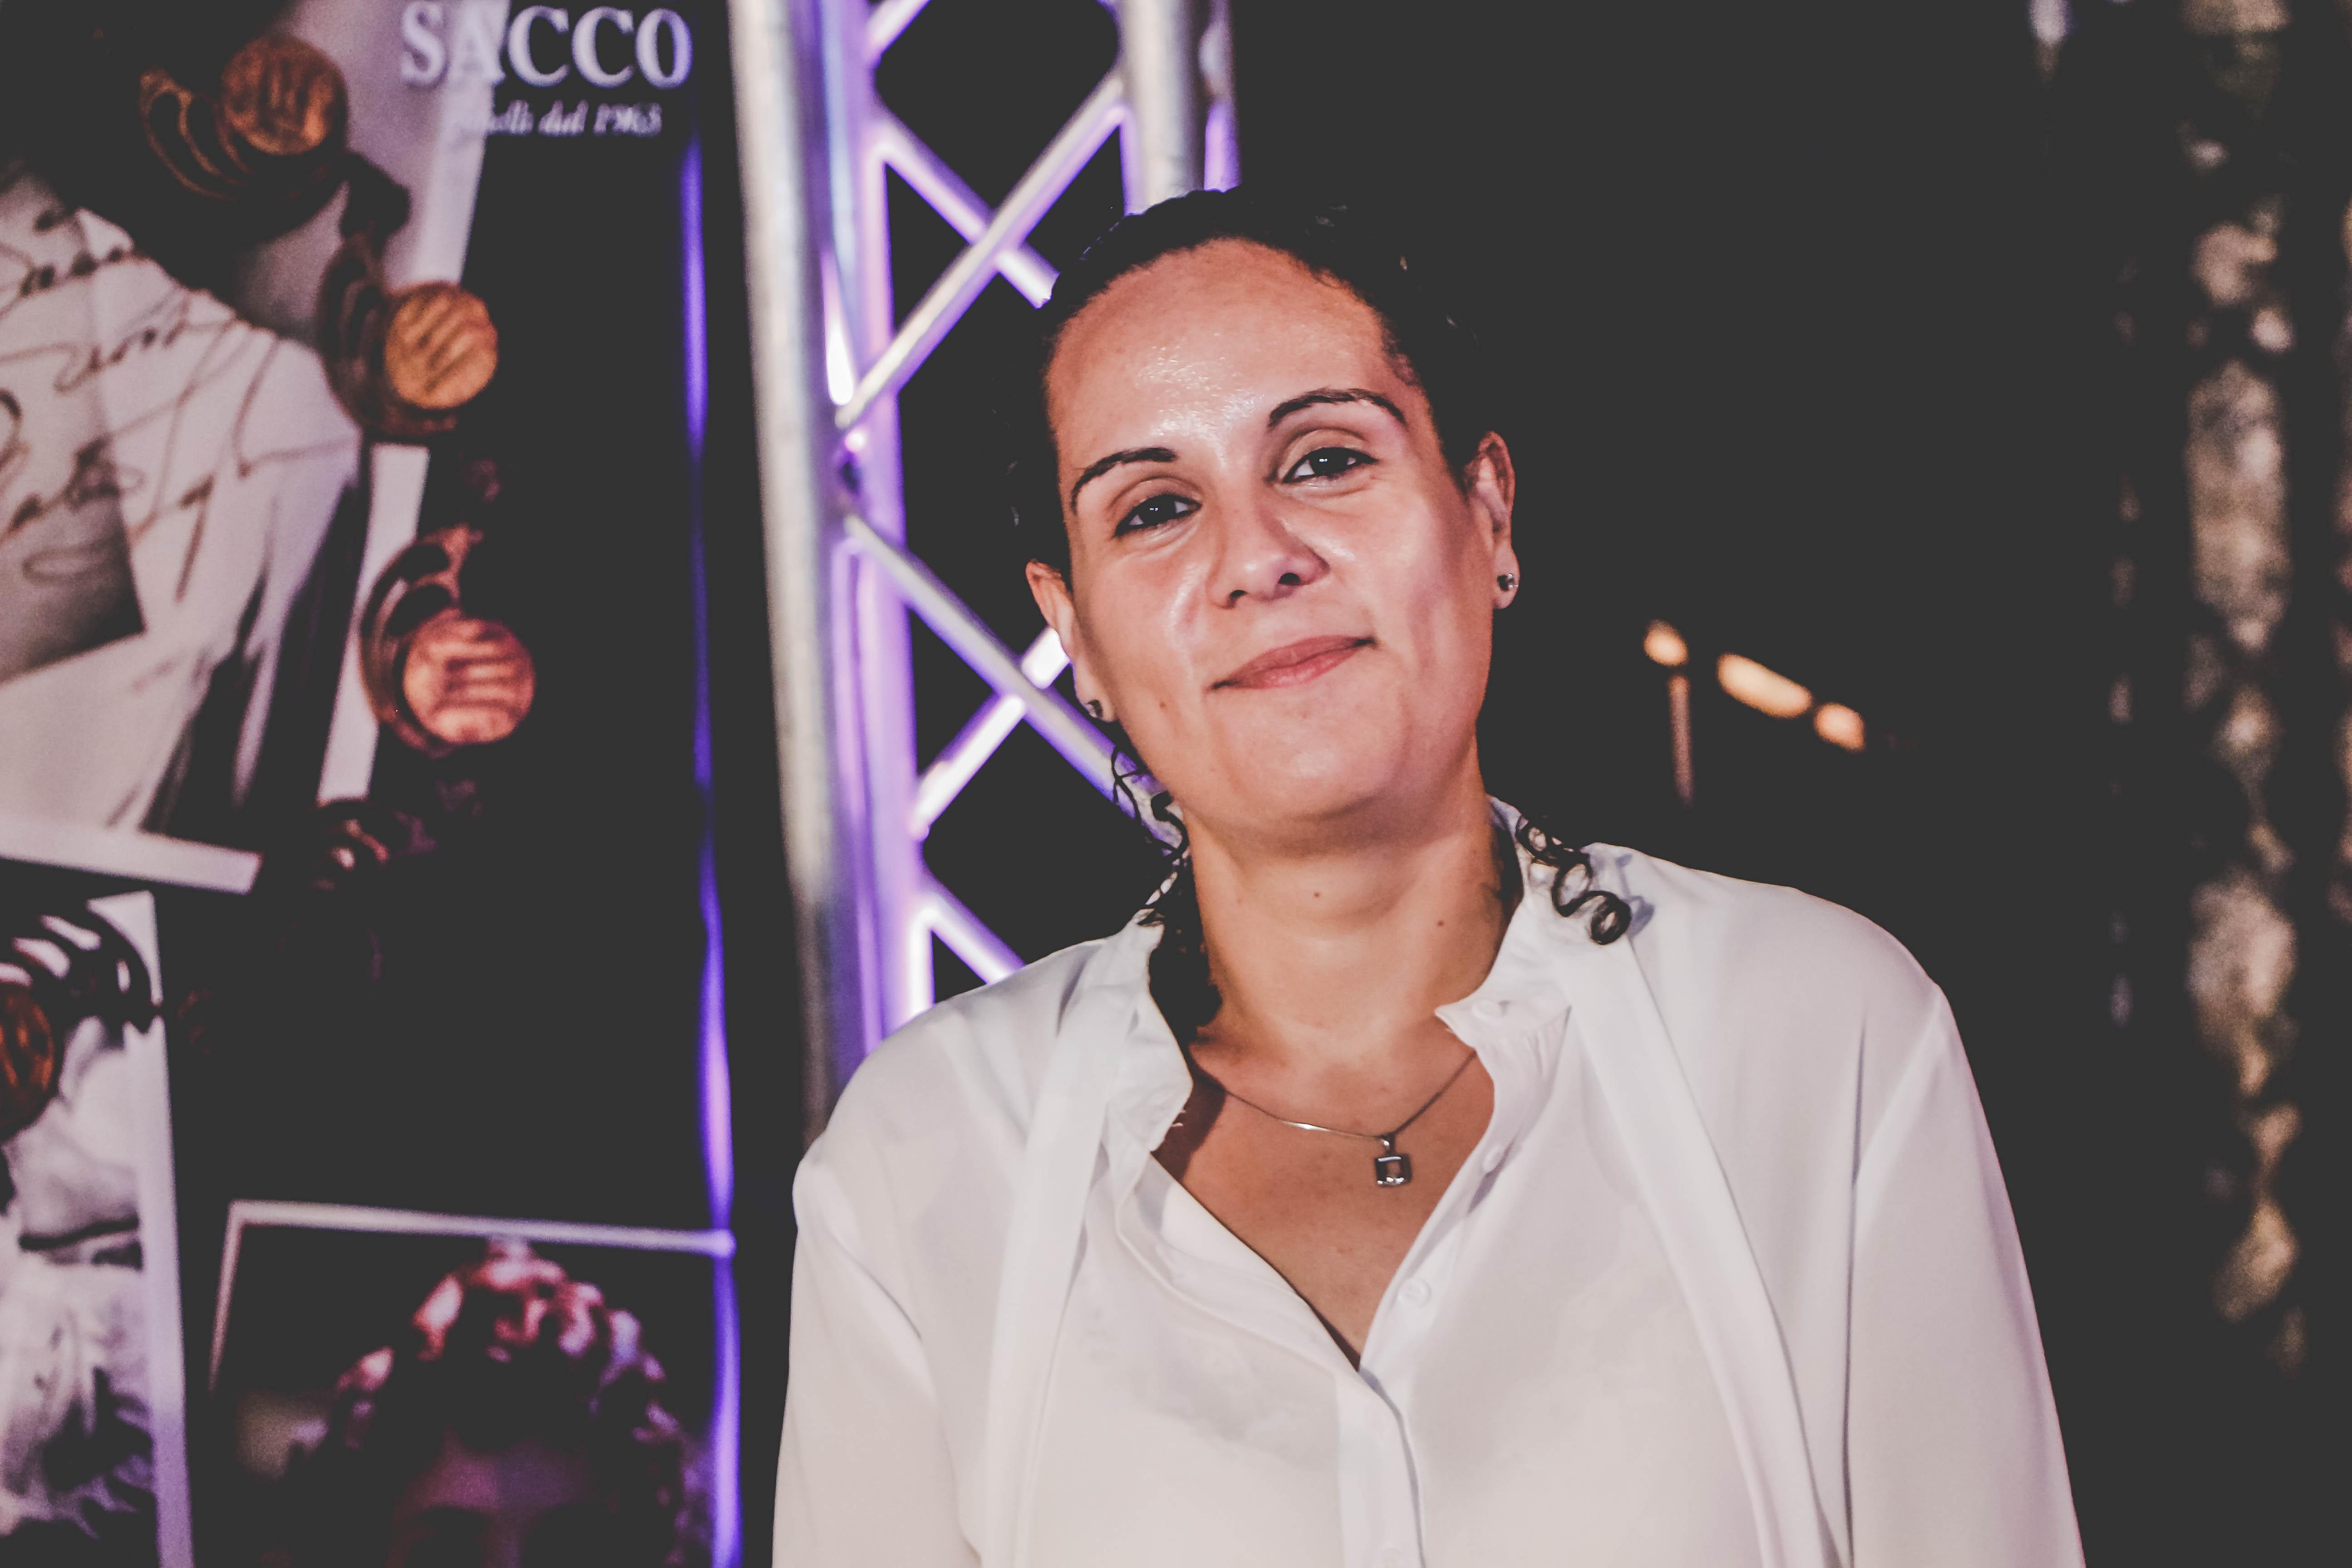 CATERINA CALLIPO